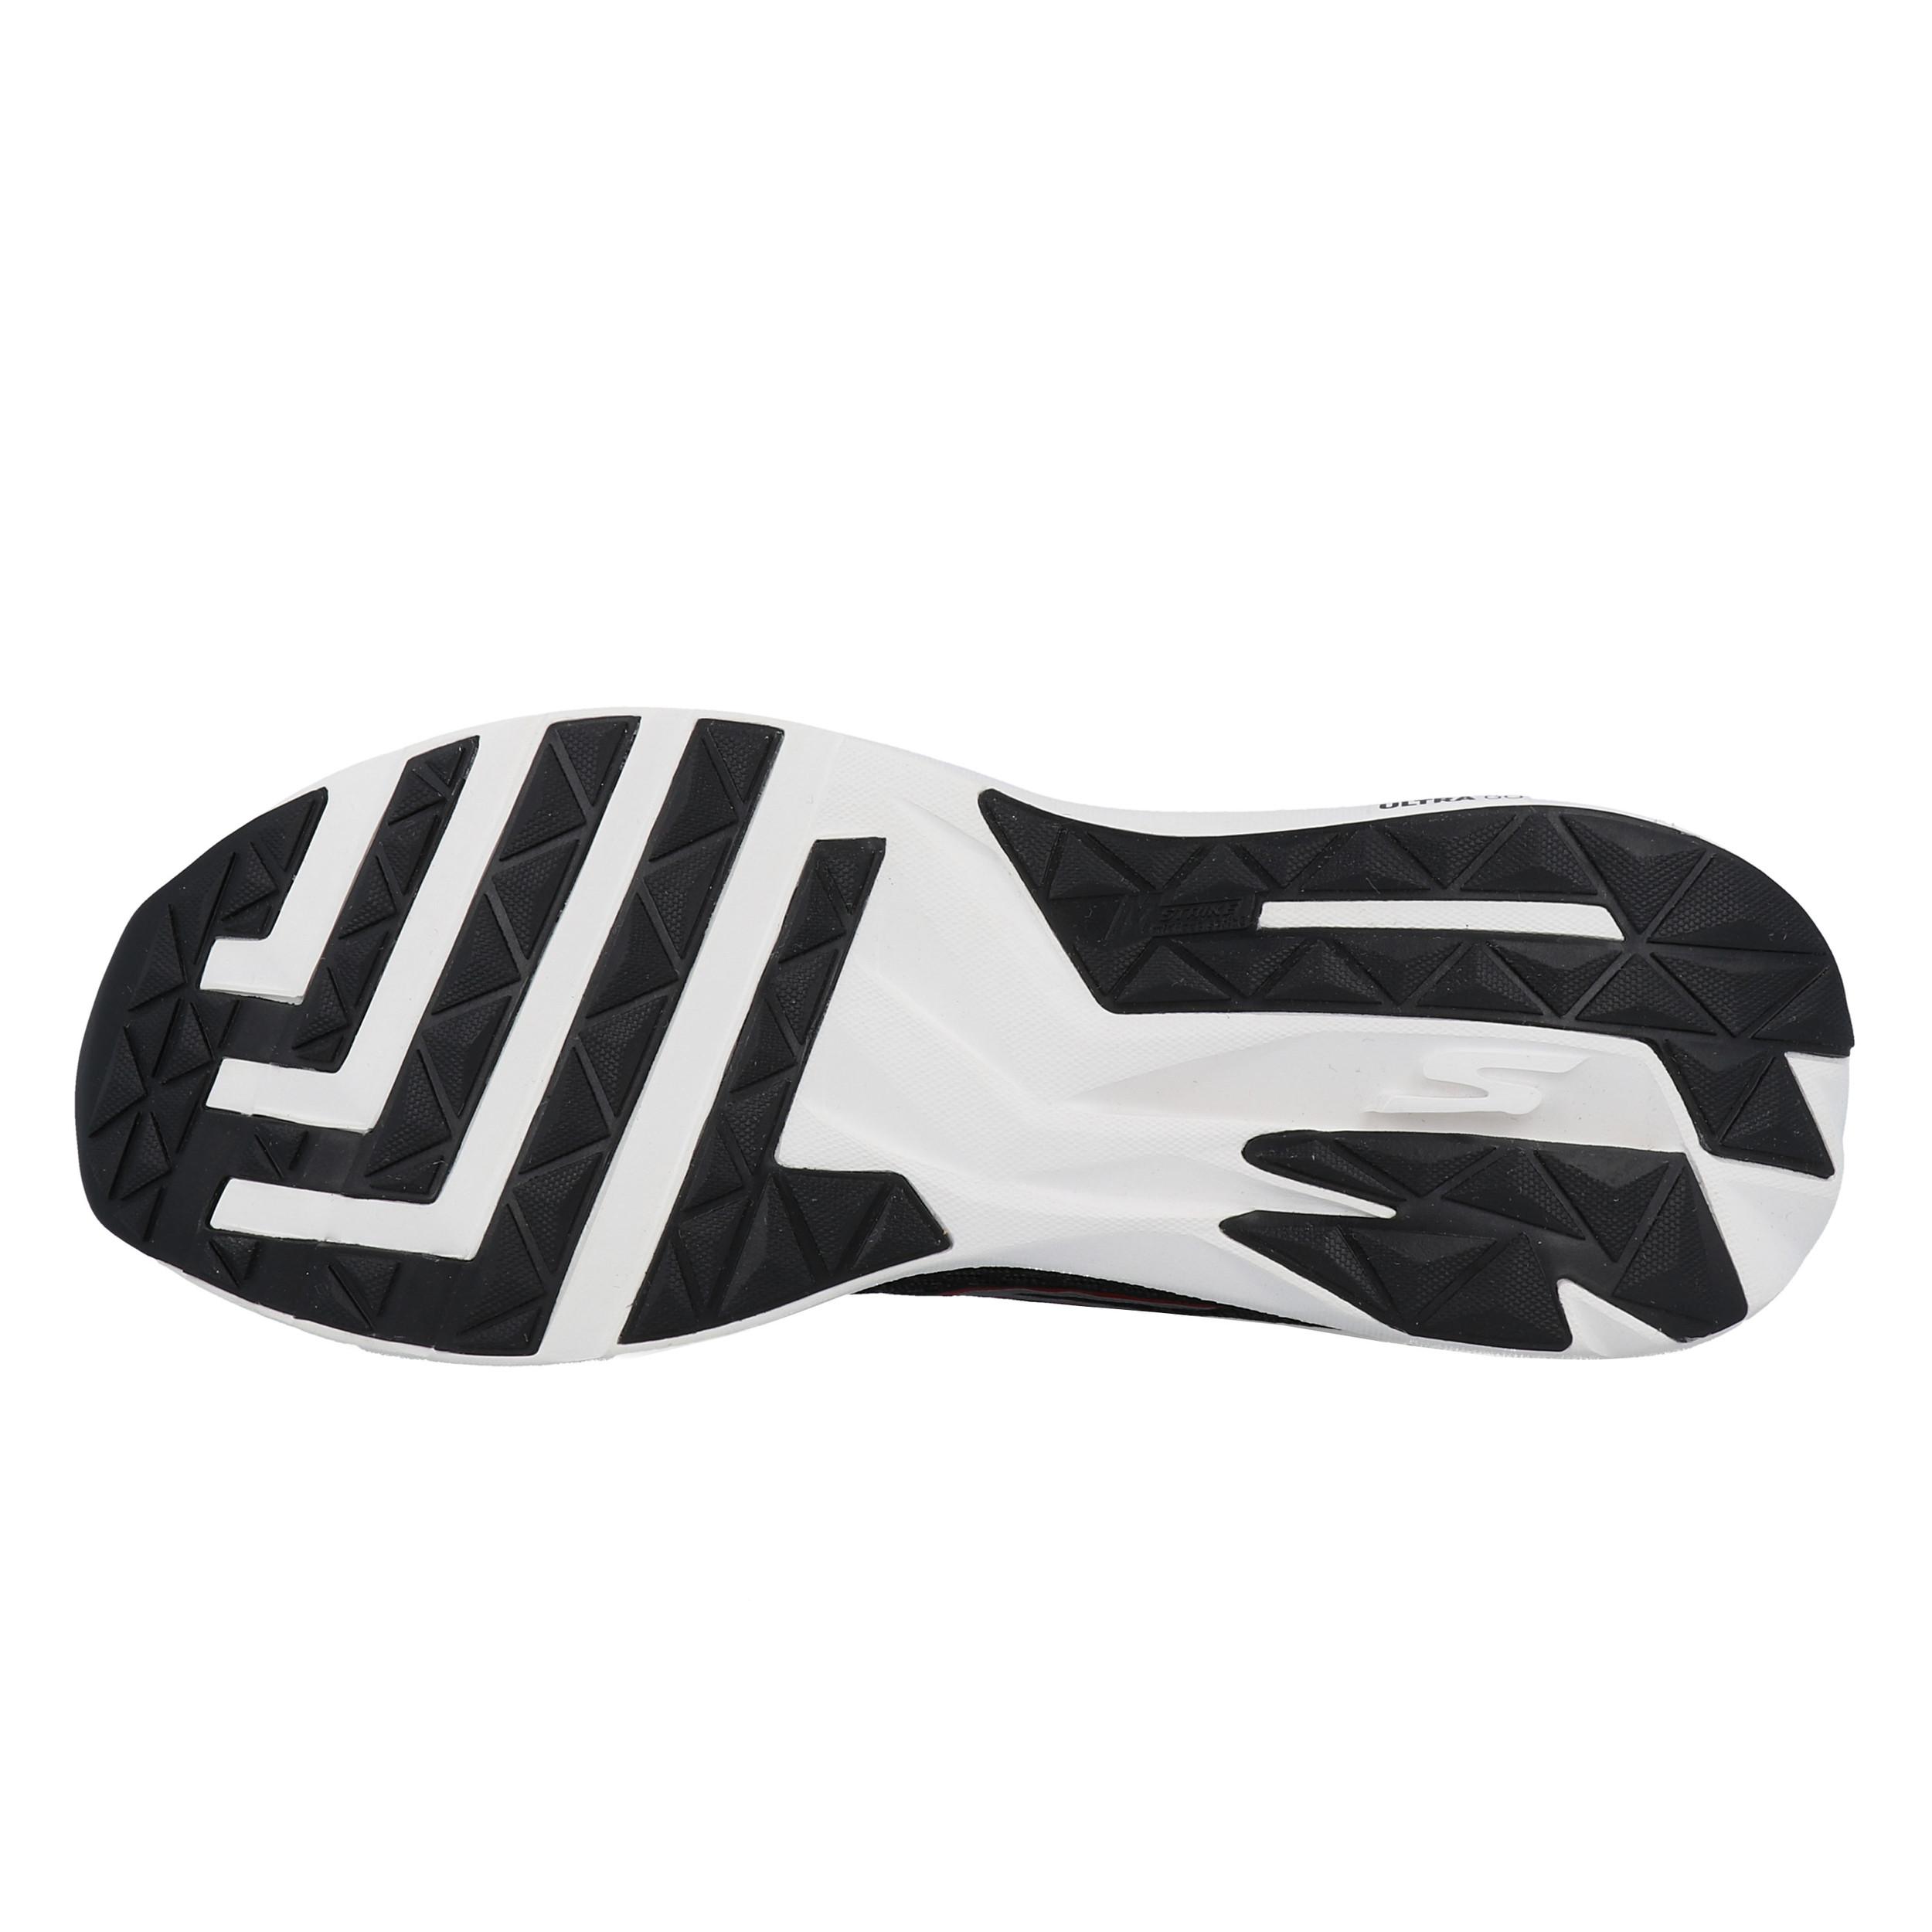 Dettagli su Skechers Donna GOrun Pure Scarpe Da Corsa Ginnastica Sport Sneakers Nero